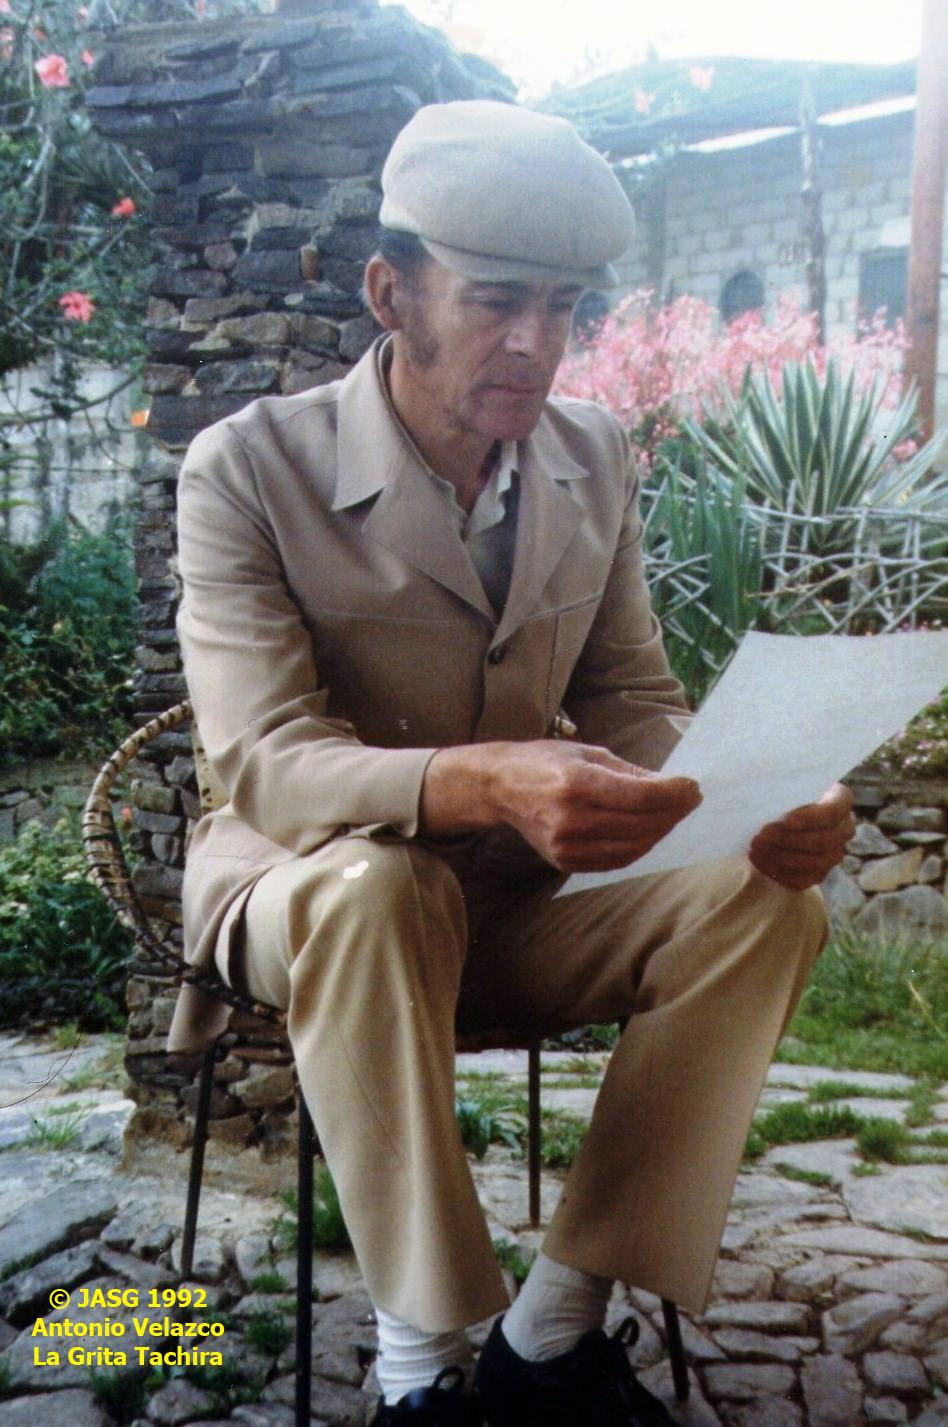 ANTONIO VELZACO 1992